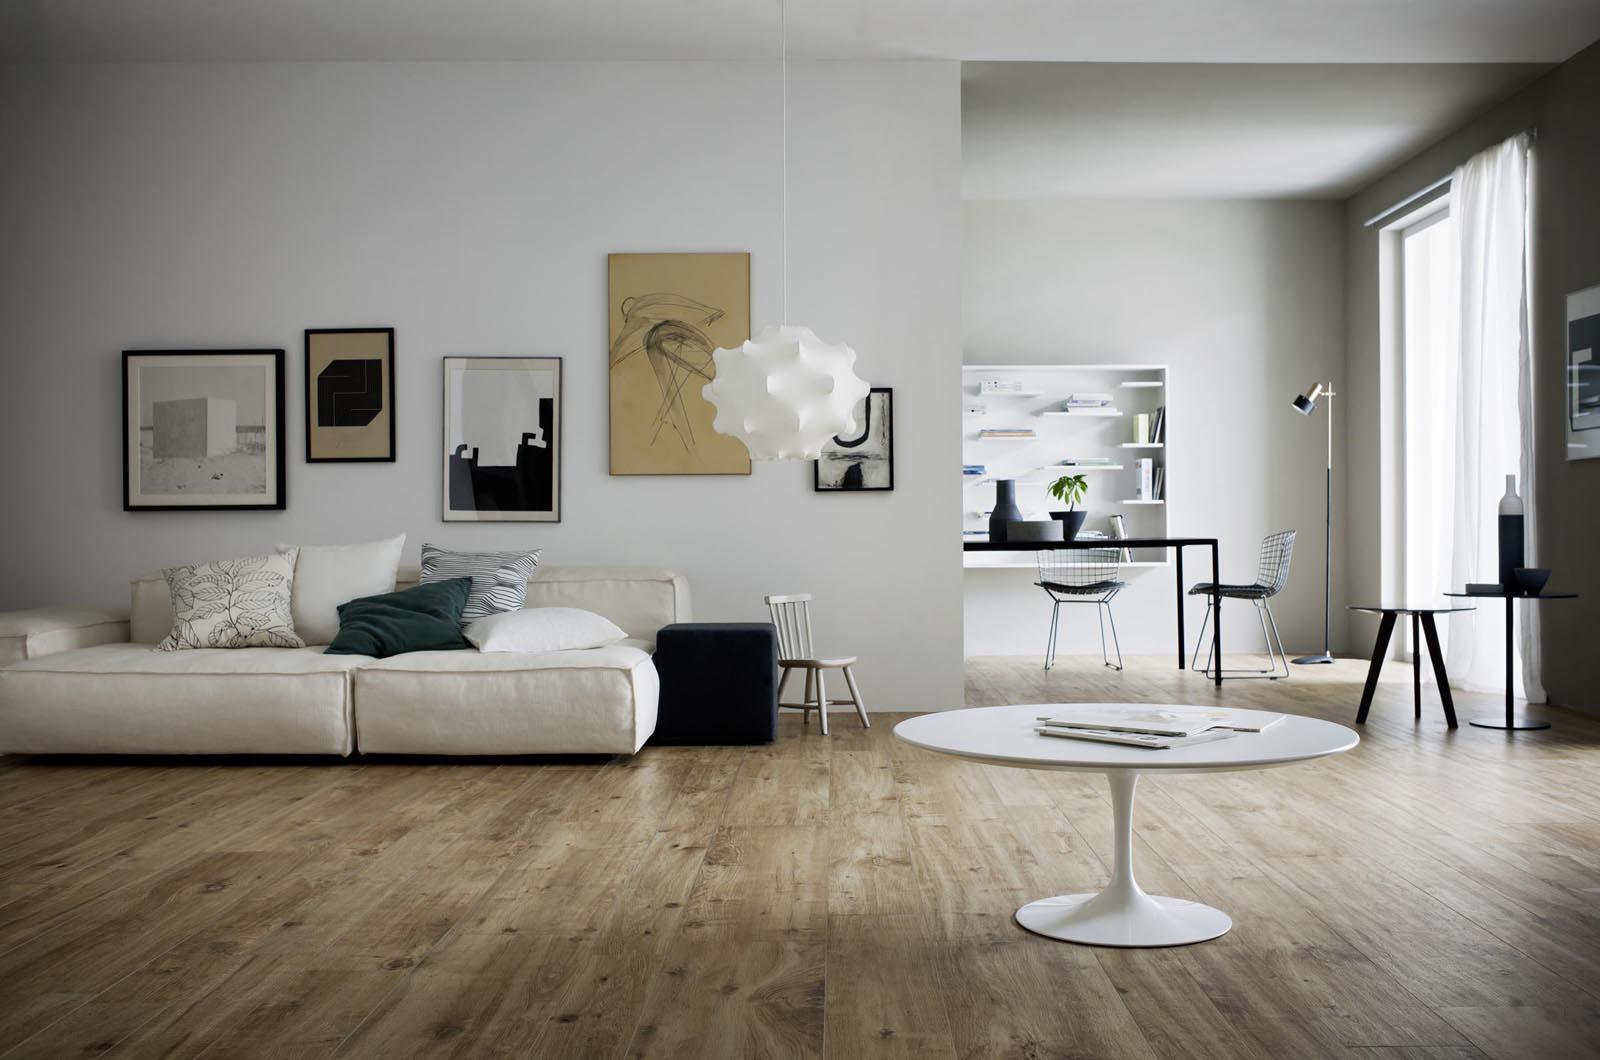 Fliesen fu00fcr das Wohnzimmer : Marazzi